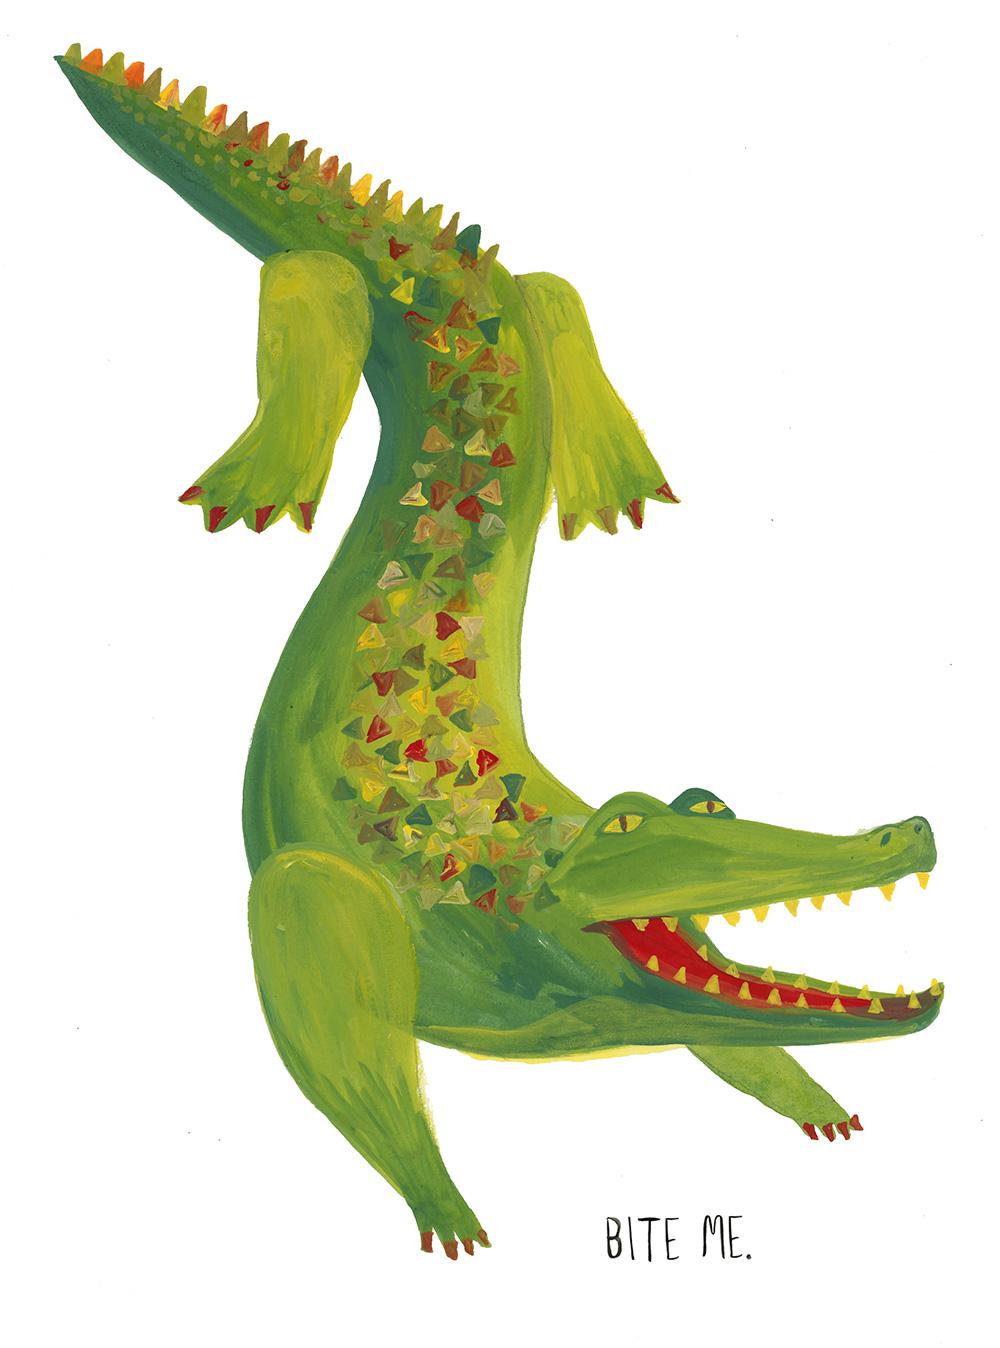 A-alligator.jpg